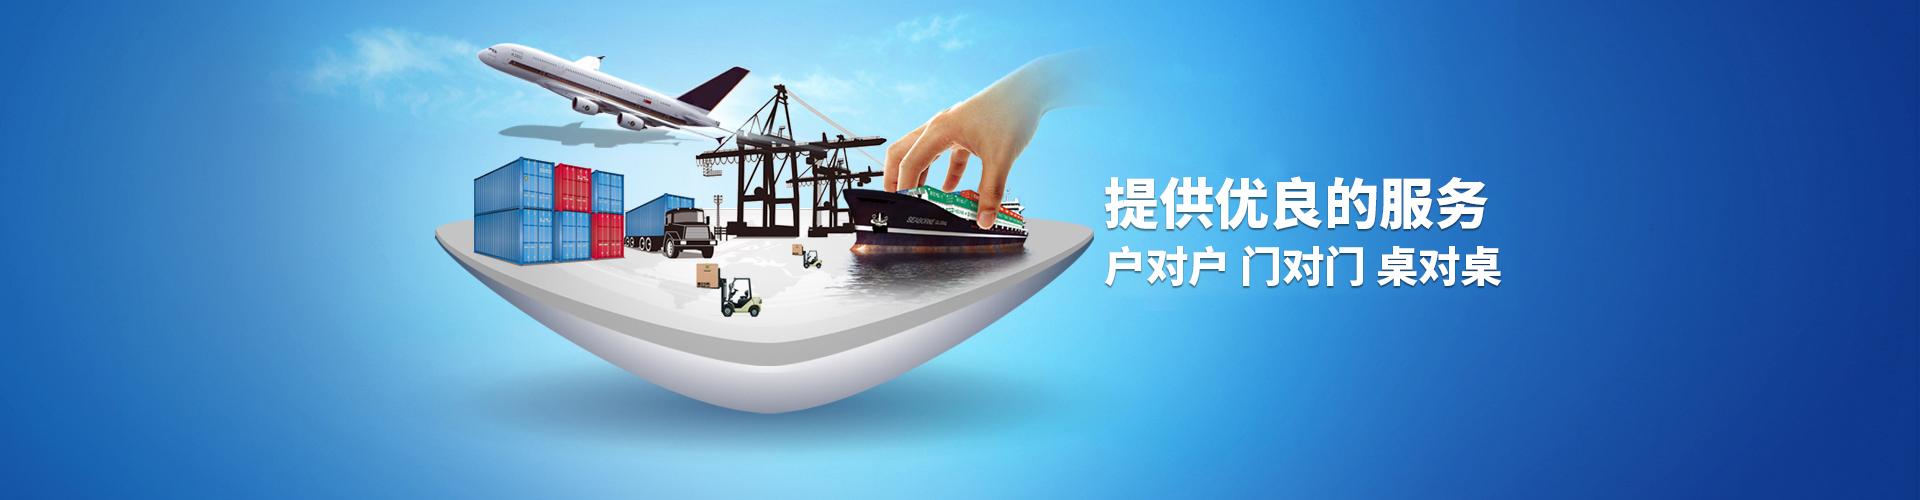 食品干货国际快递,海运包裹出口货运,化妆品国际快递,EMS上海直飞国际快递,FEDEX上海直飞国际货运